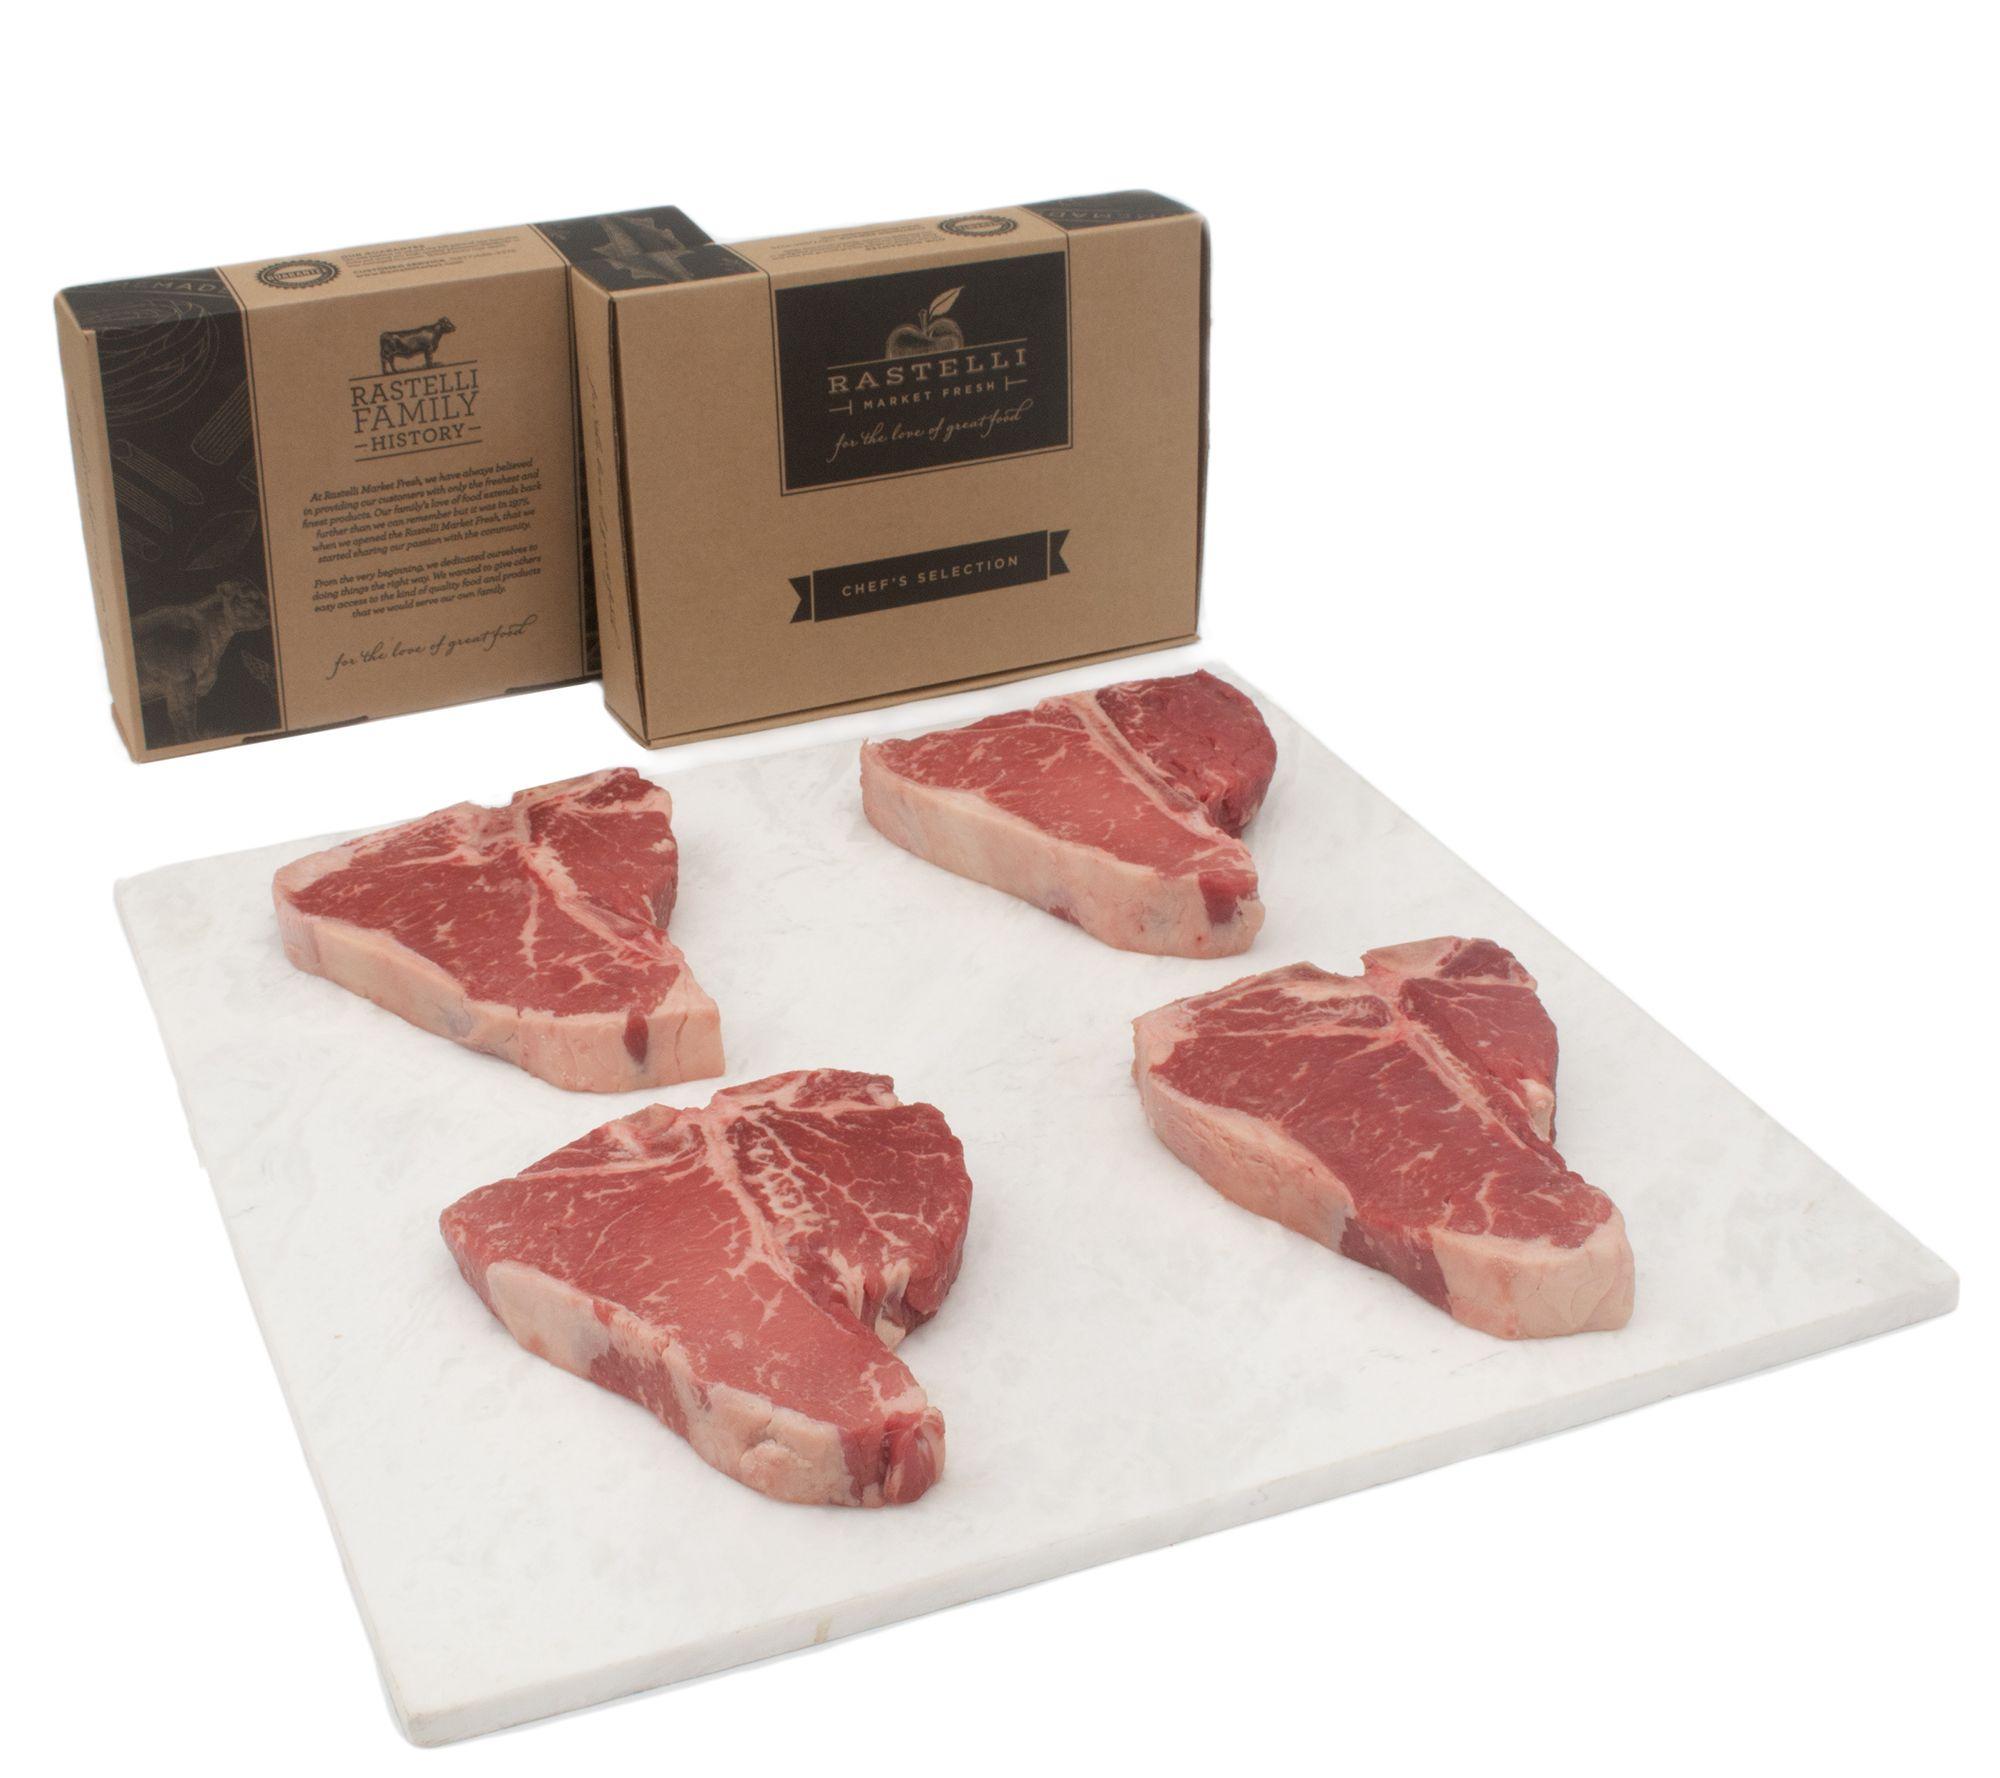 Blue apron bayonne - Rastelli Market Fresh 4 16 Oz Black Angus Porterhouse Steak Page 1 Qvc Com